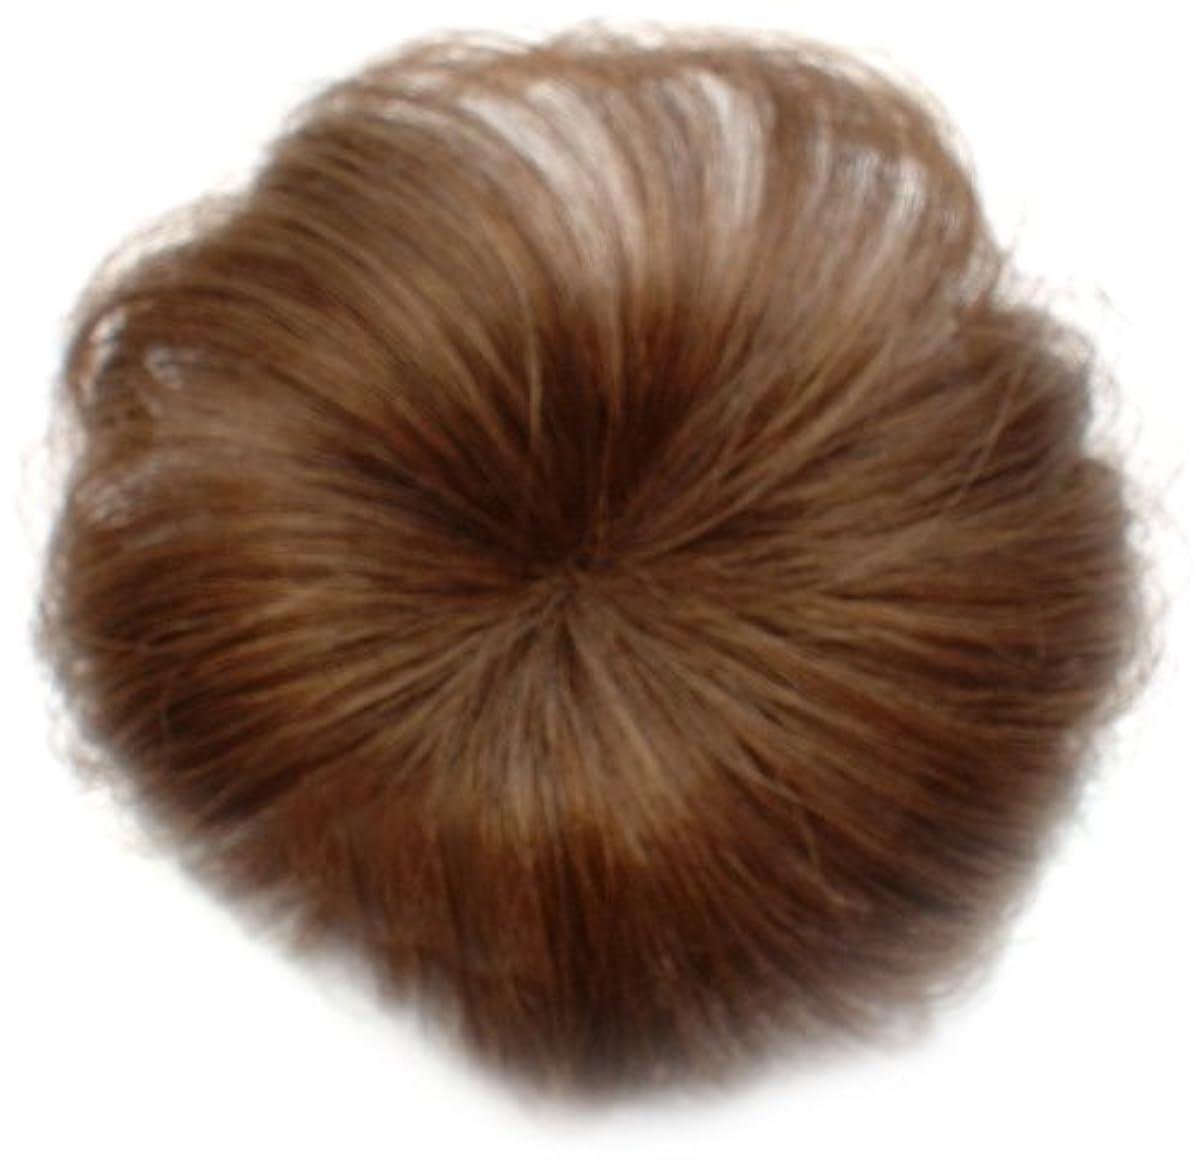 省不可能なミトンPOINT HAIR ポイントヘア L ライトブラウン №6